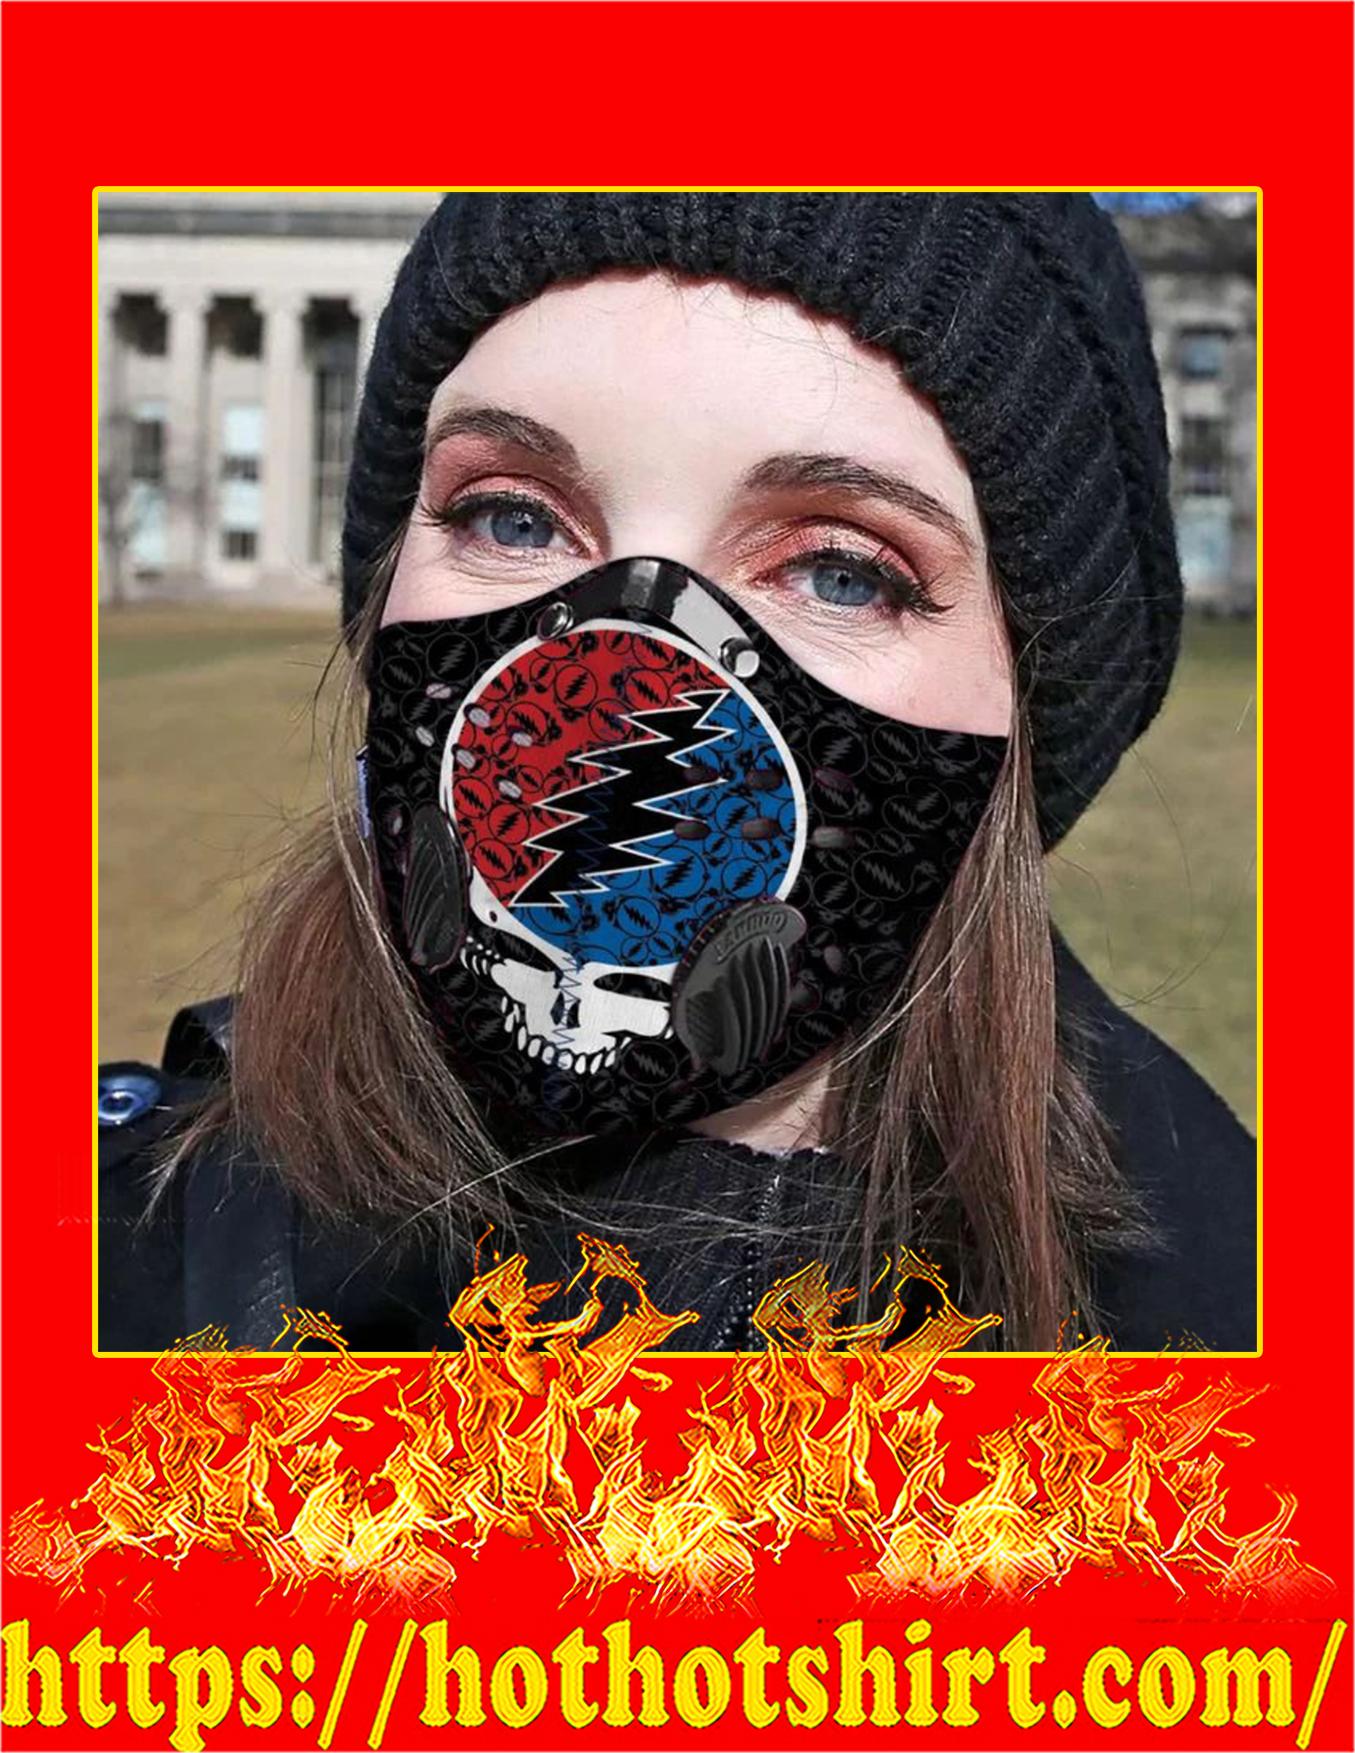 Grateful dead logo filter face mask - detail